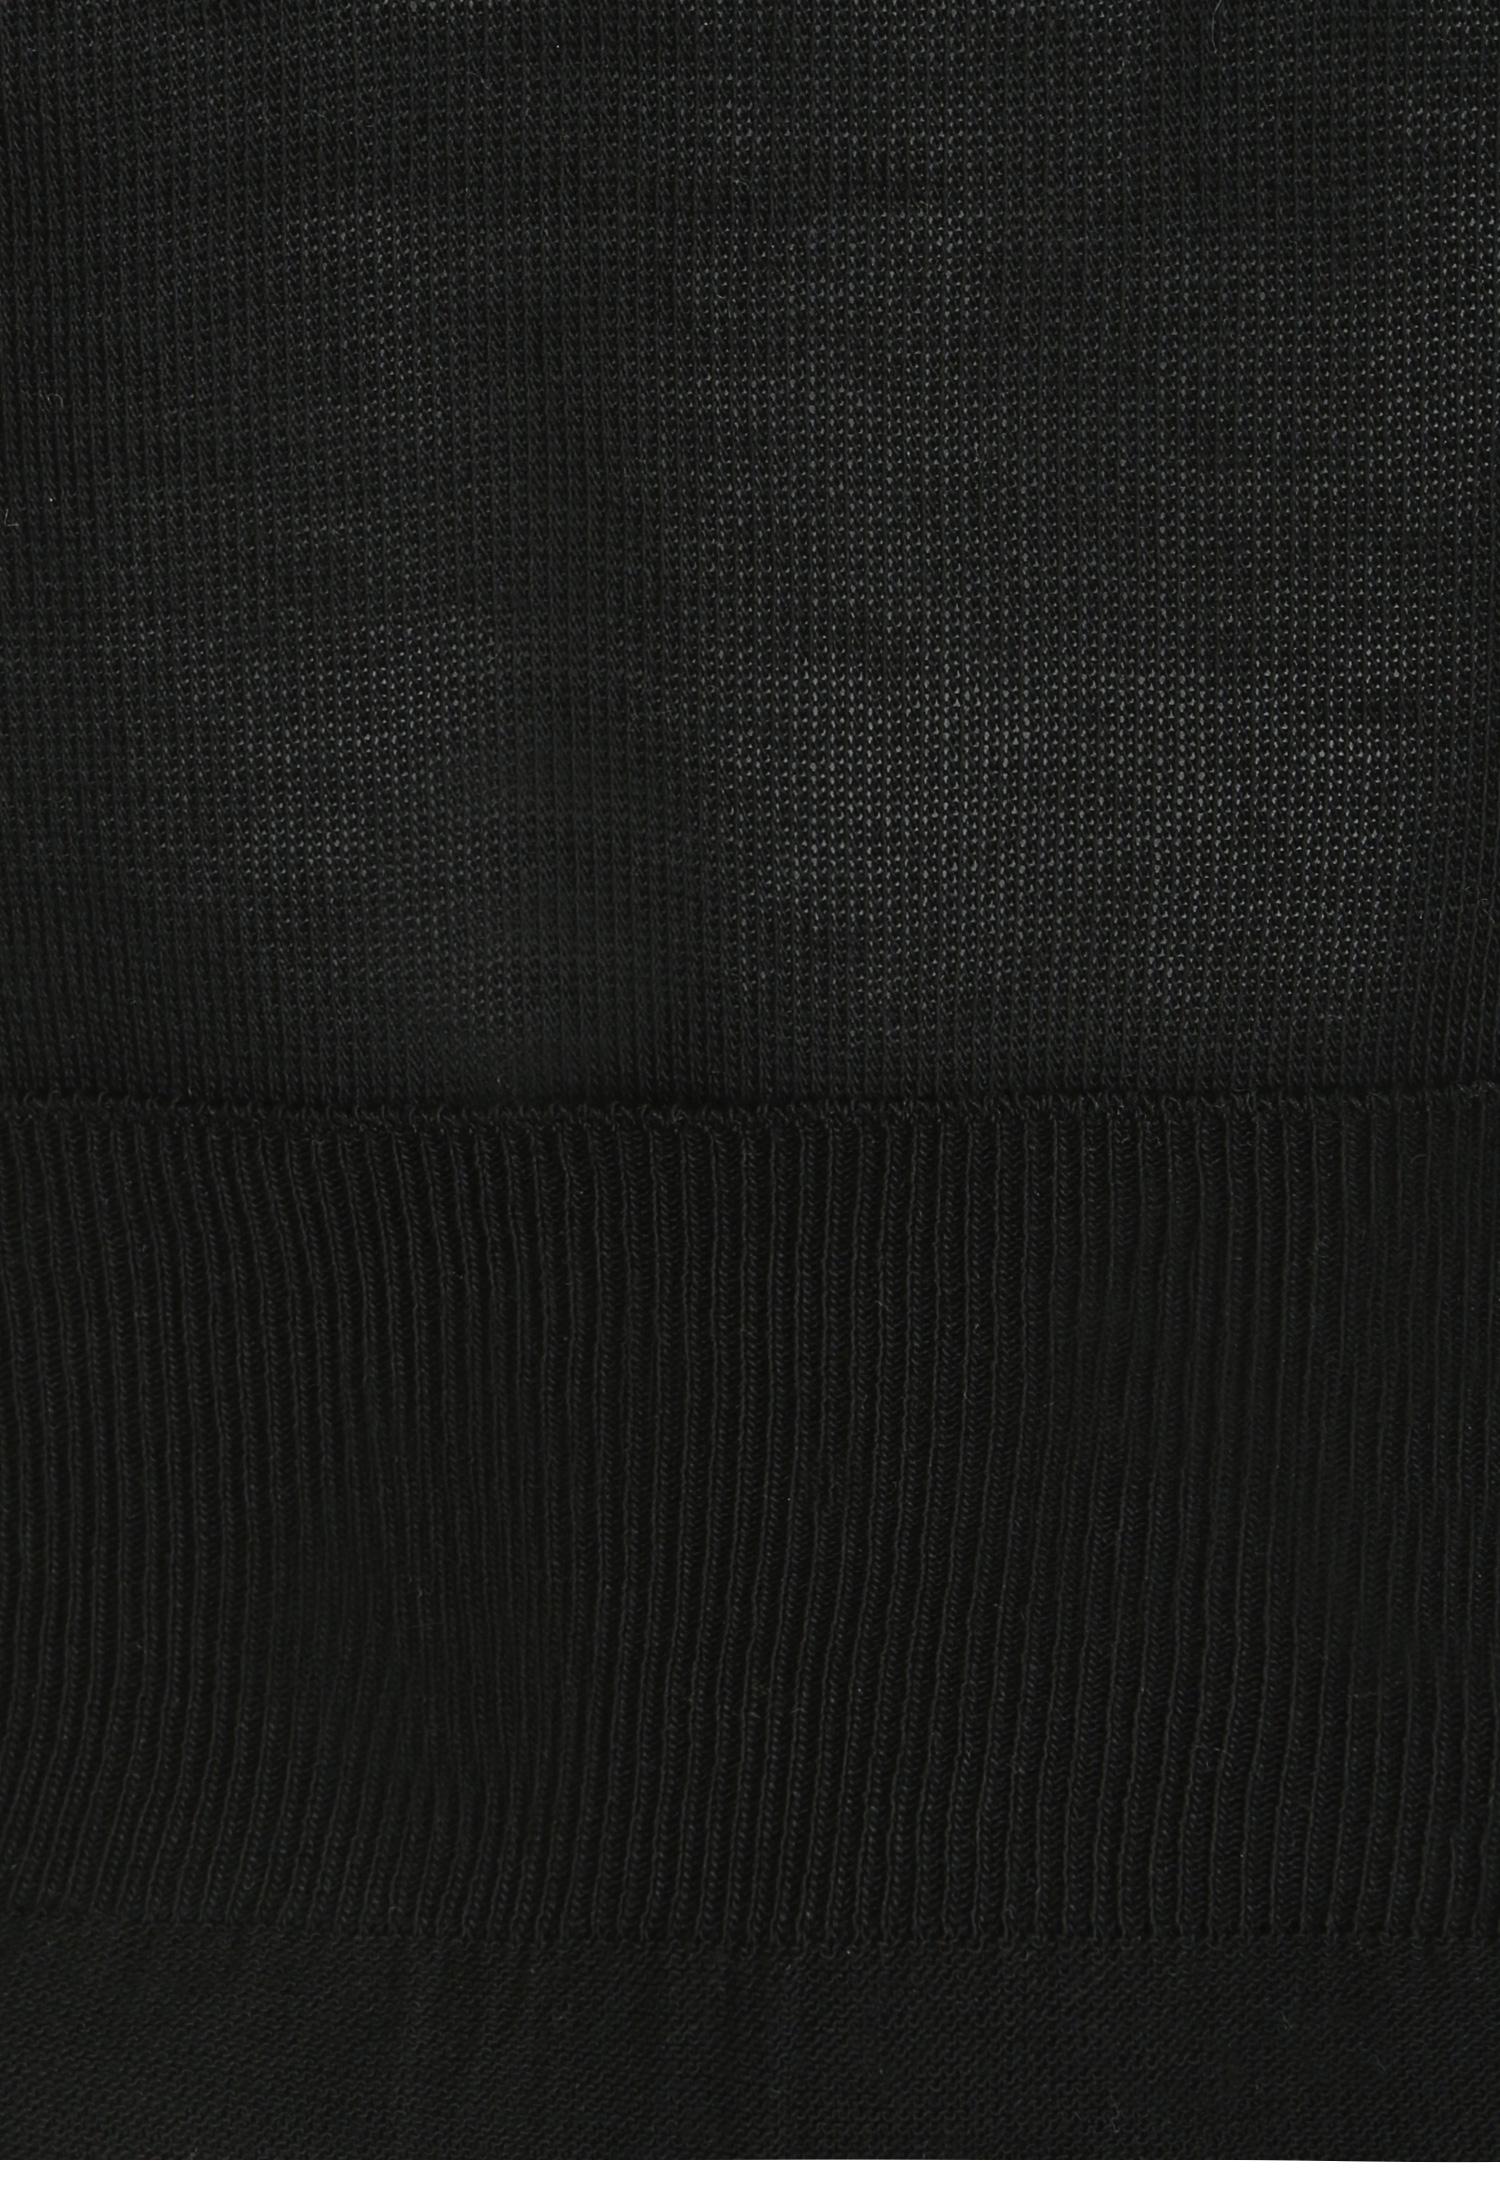 퍼프 슬리브 풀오버 니트 (BLACK)